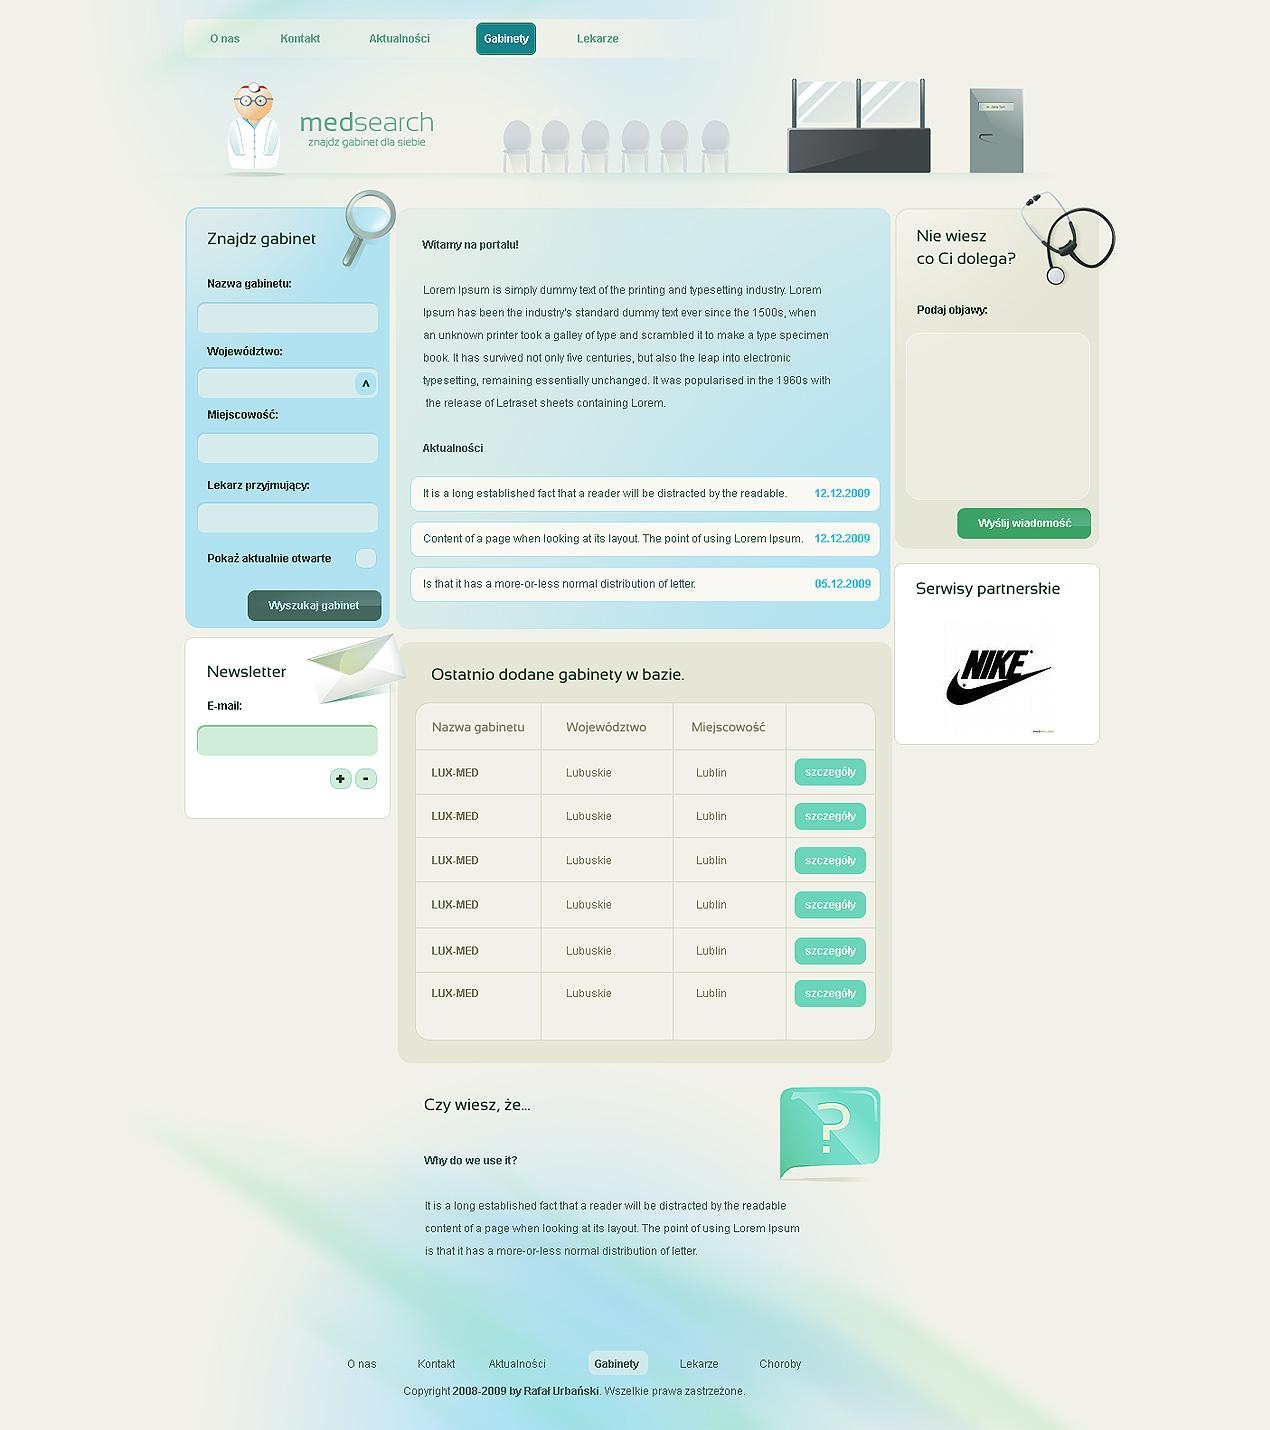 Zdrowiej.net by brainchilds